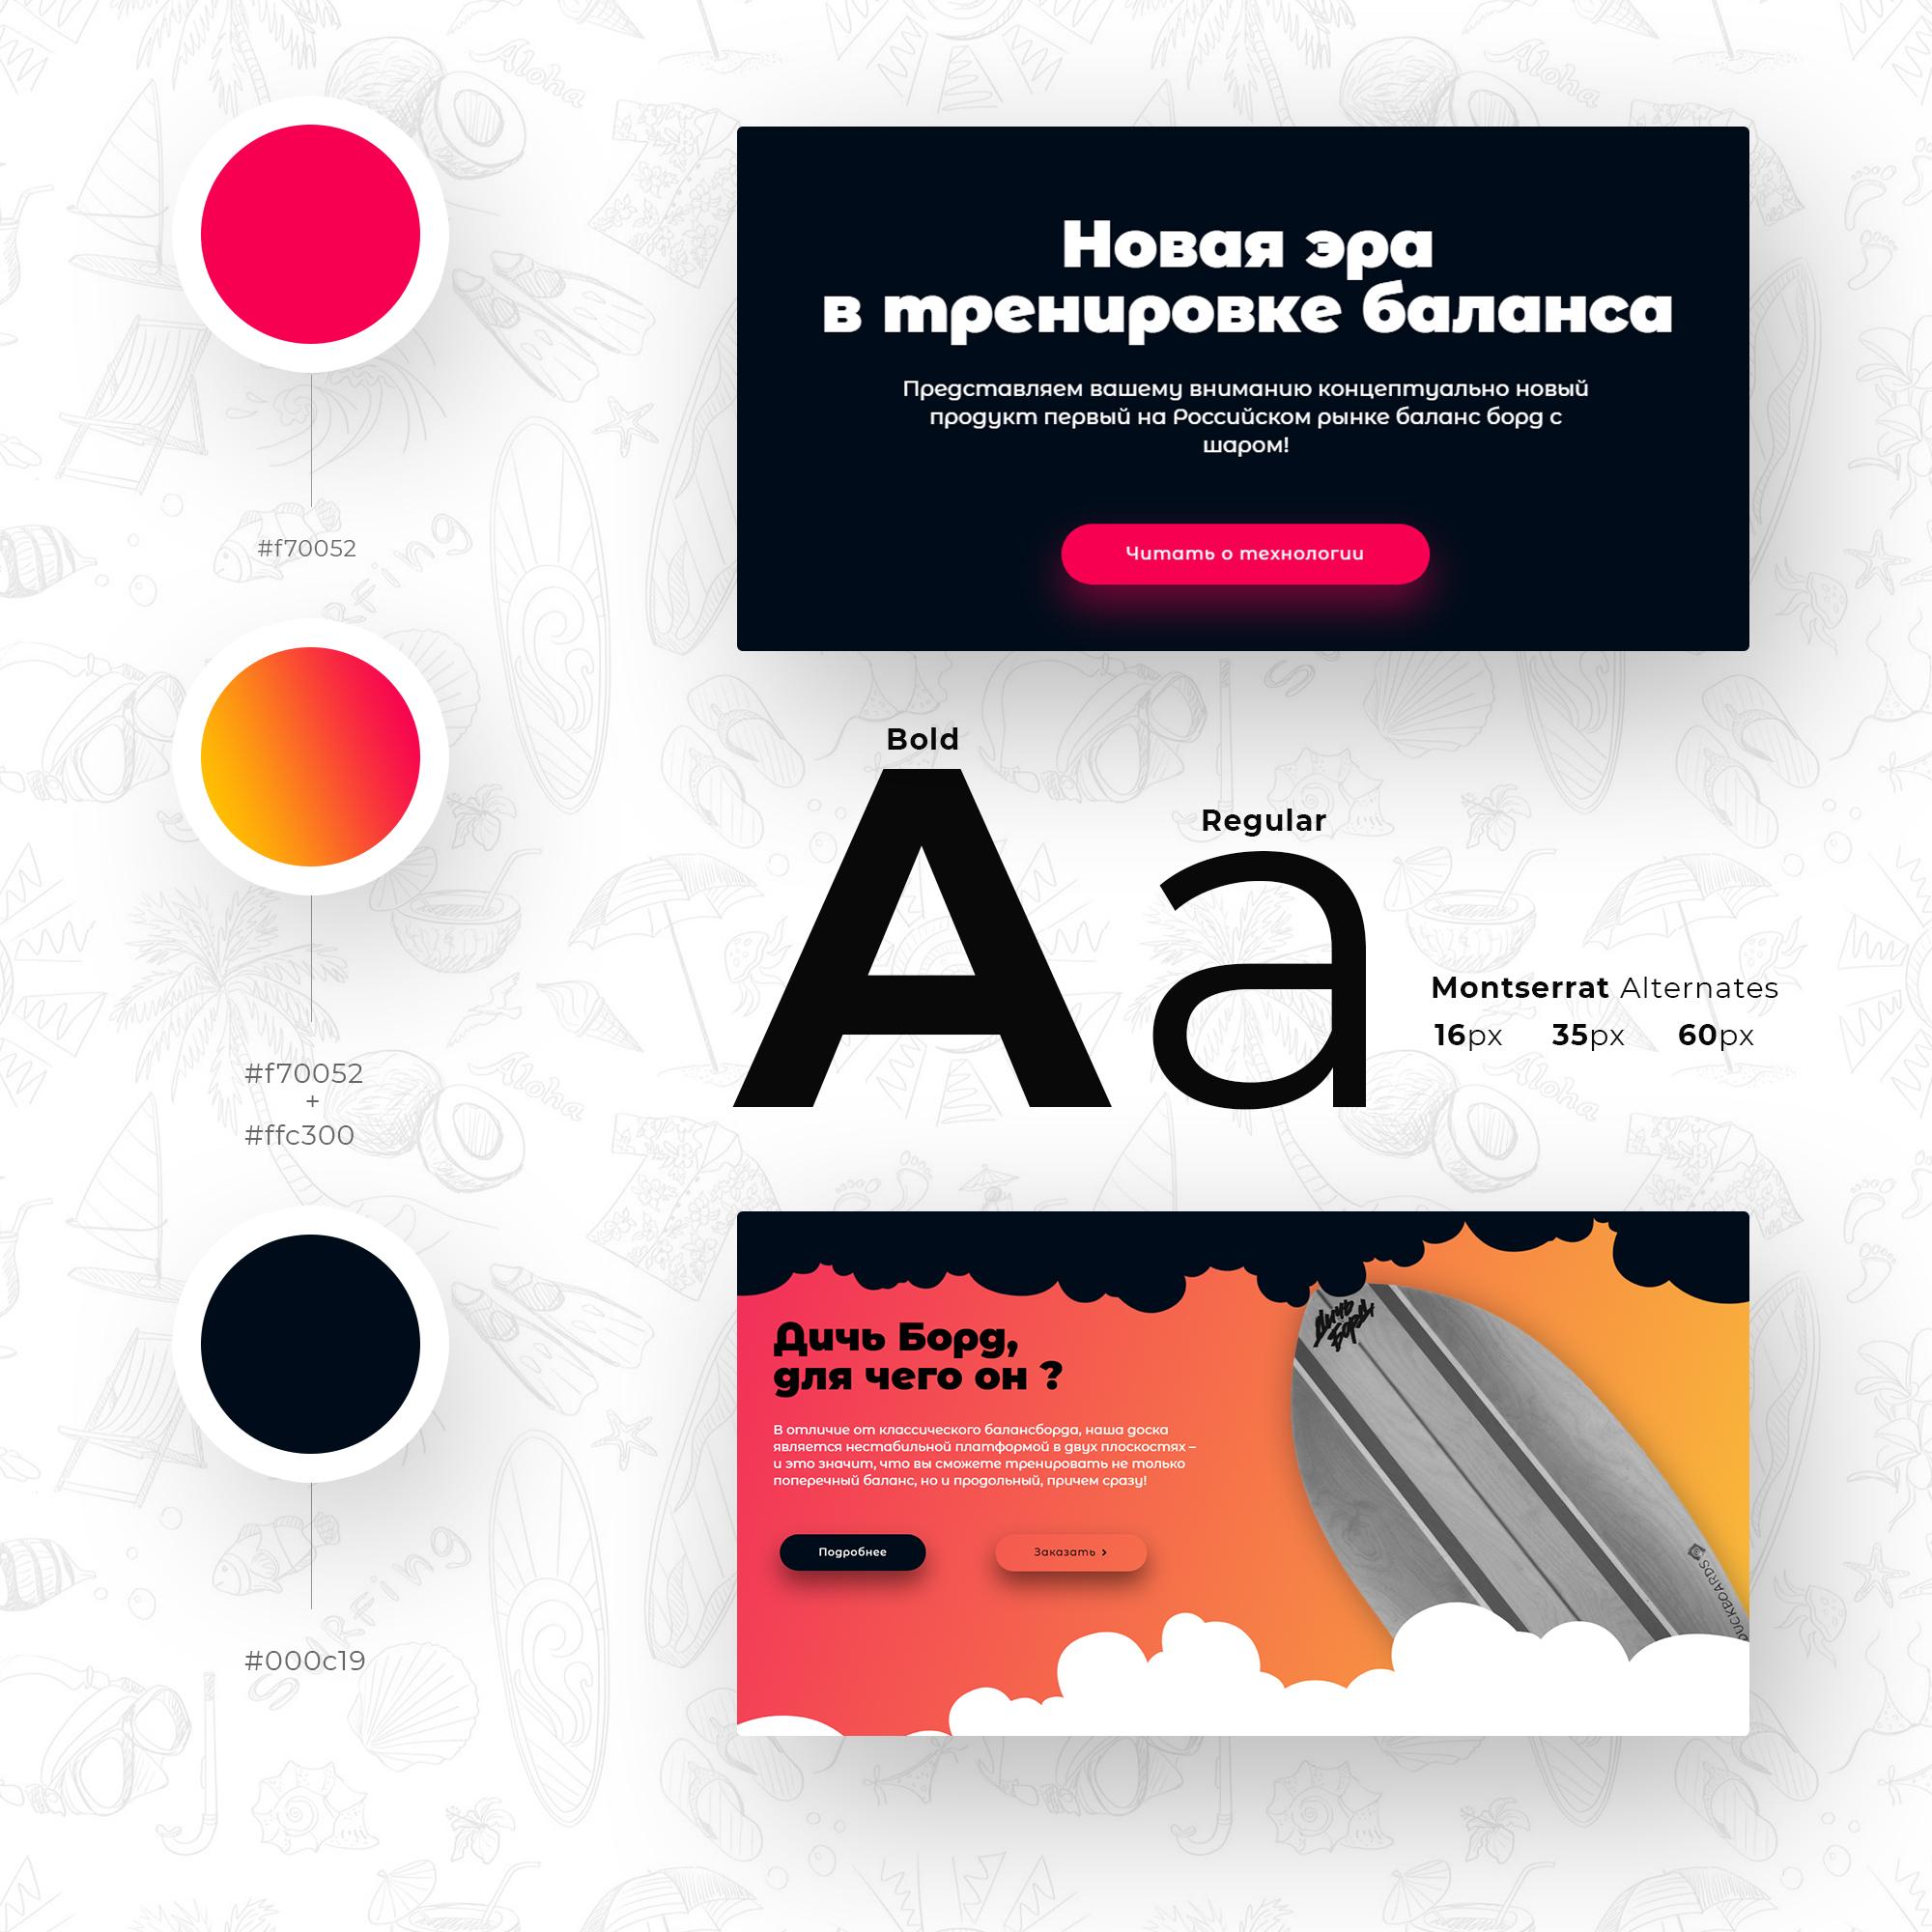 Дизайн-и-создание-интернет-магазина-willdduckboards-в-студии-Андрея-Мельникова